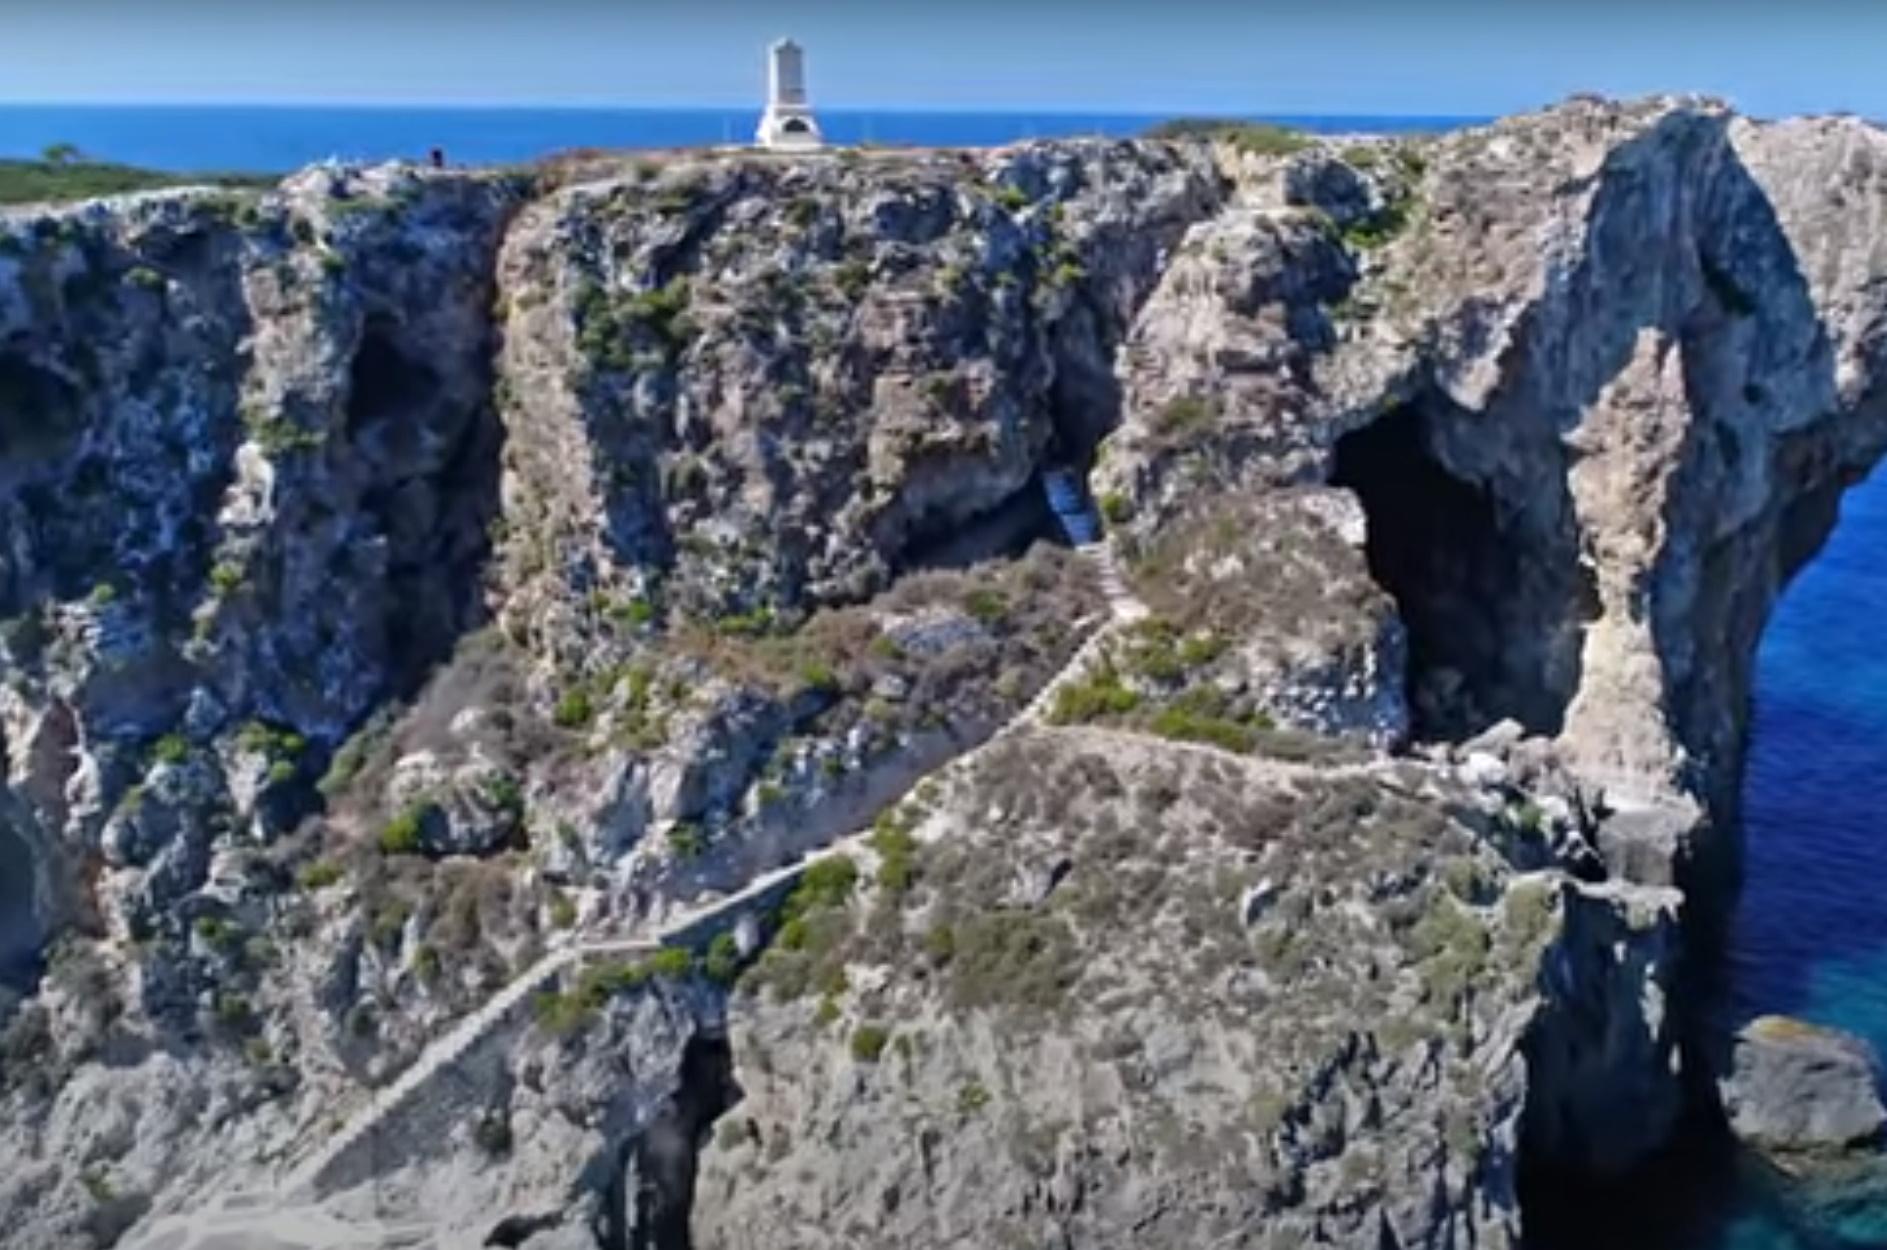 """Τσιχλί Μπαμπά: Το """"κατακόρυφο"""" ελληνικό νησί όπου είναι θαμμένοι Γάλλοι και ο ανιψιός του Ναπολέοντα"""